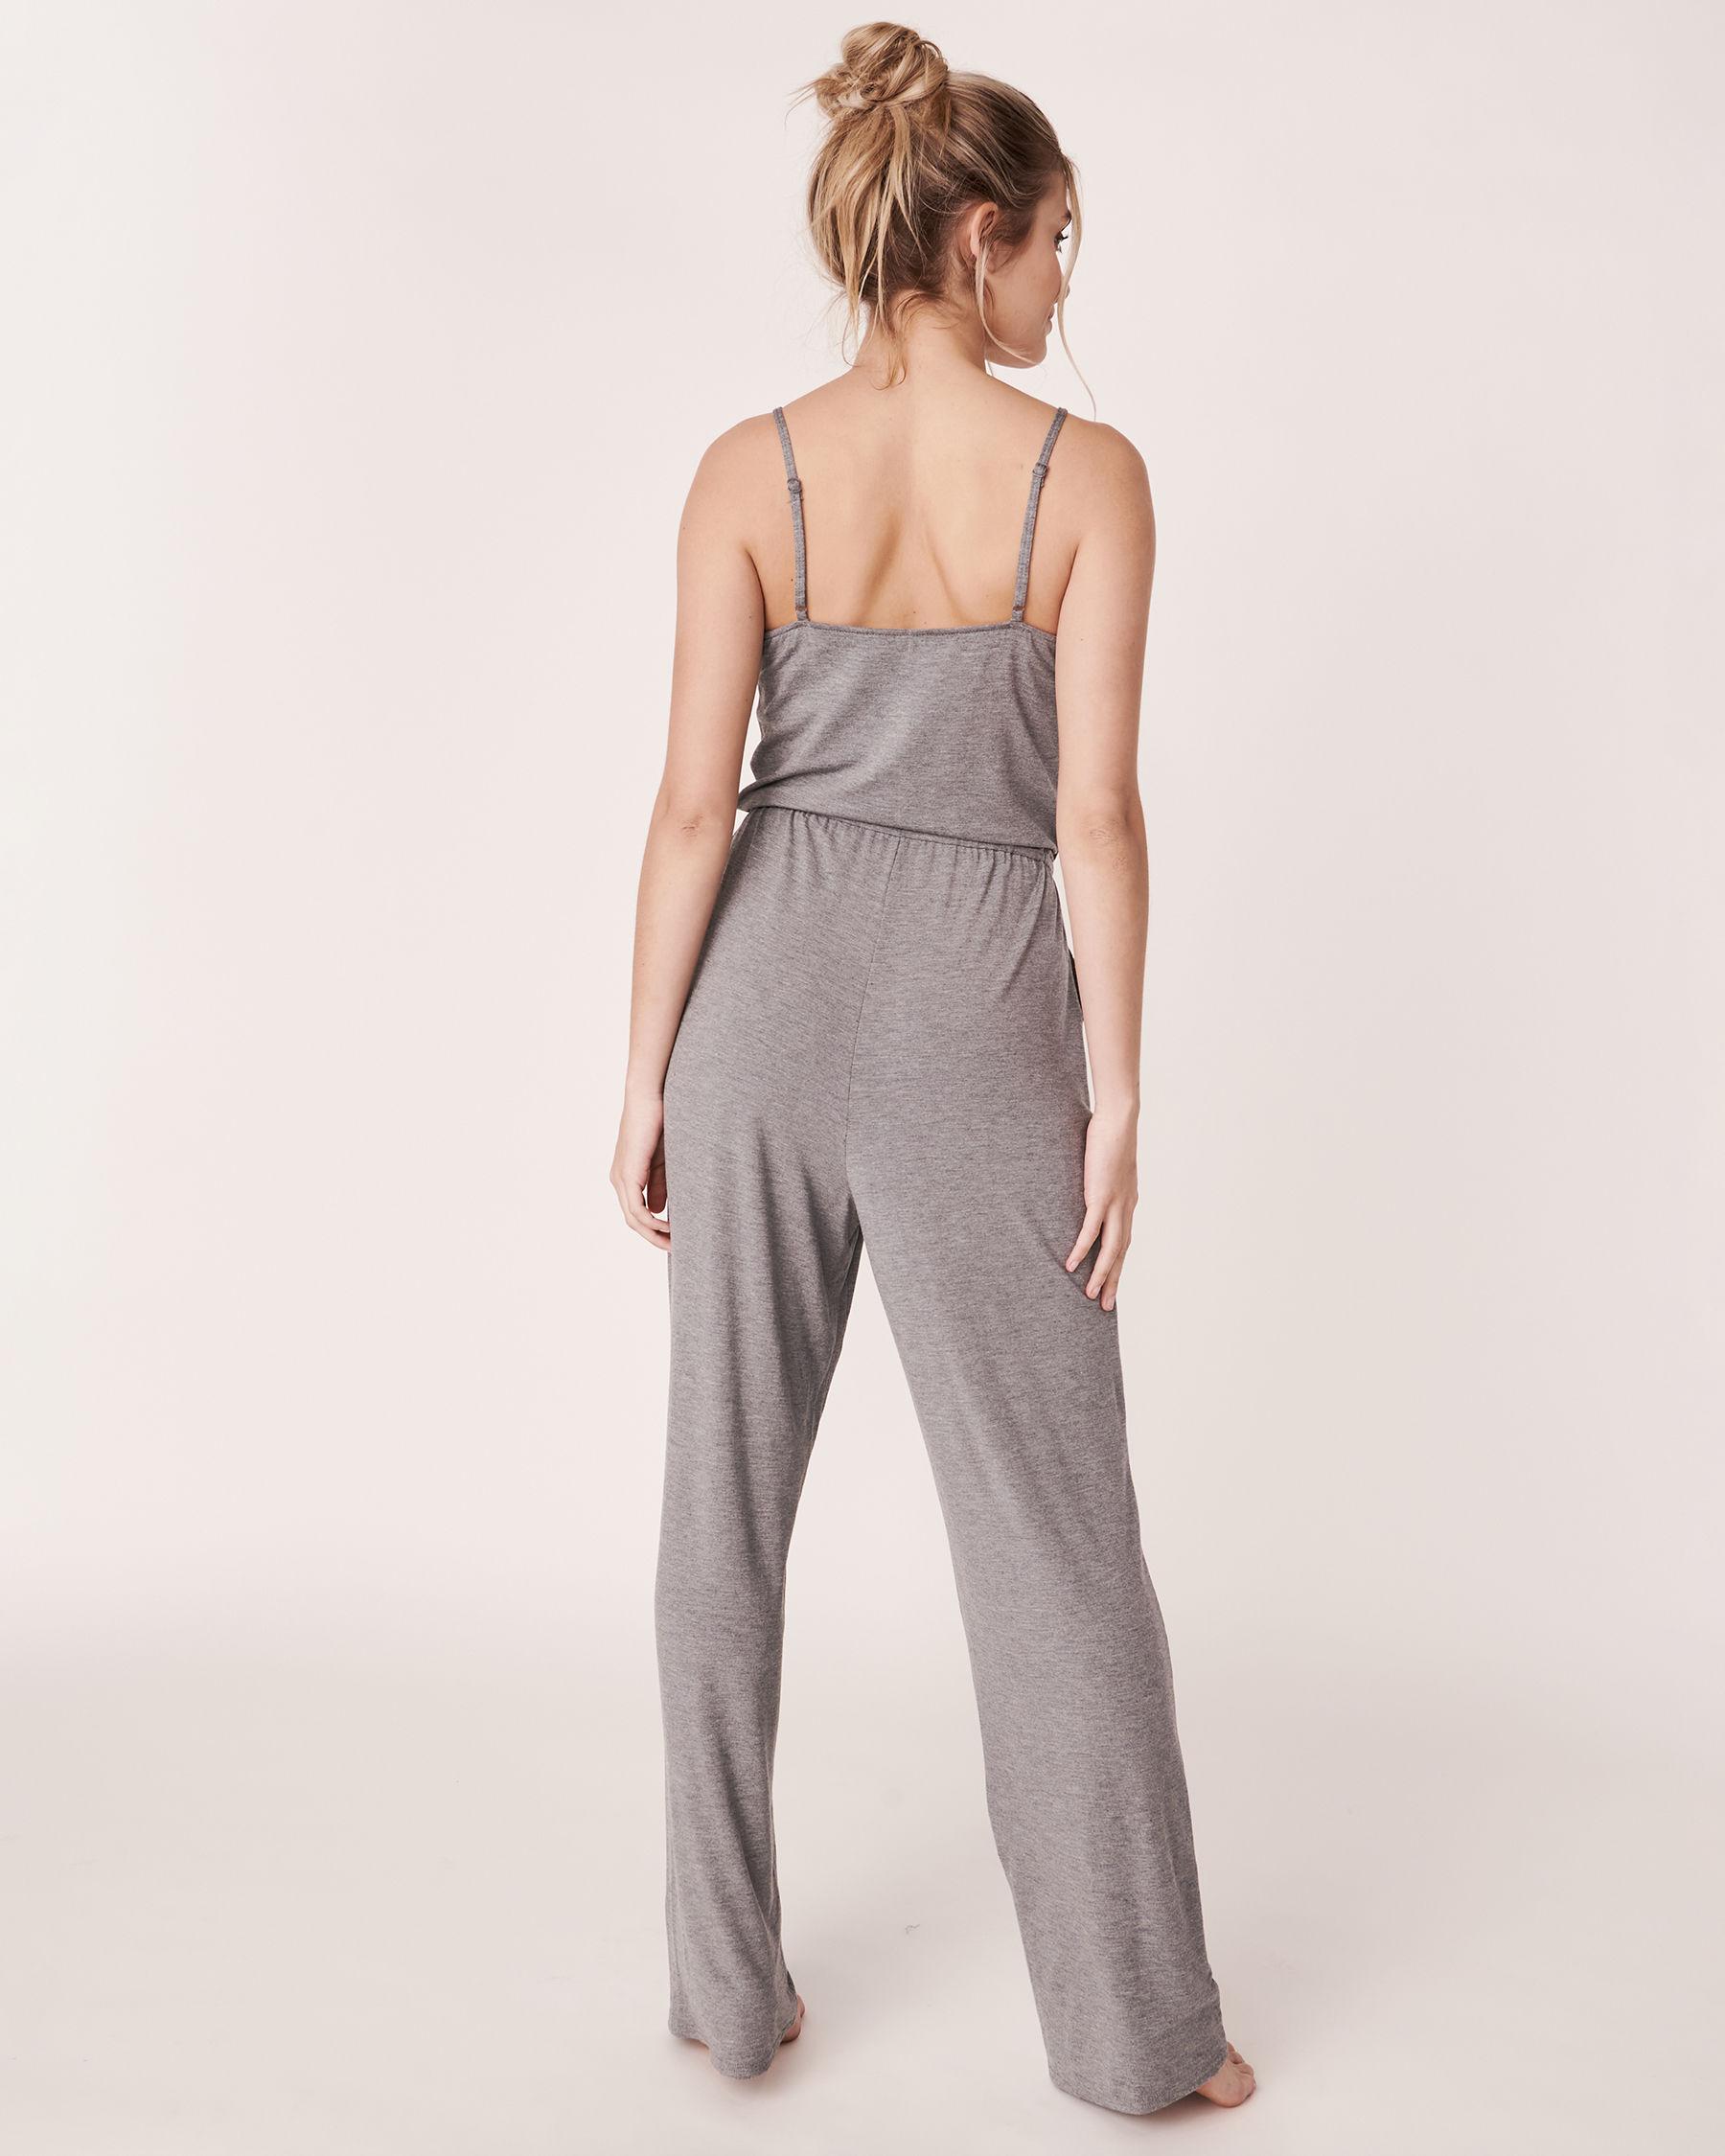 LA VIE EN ROSE Lace Trim Thin Straps Jumpsuit Charcoal mix 50300003 - View2